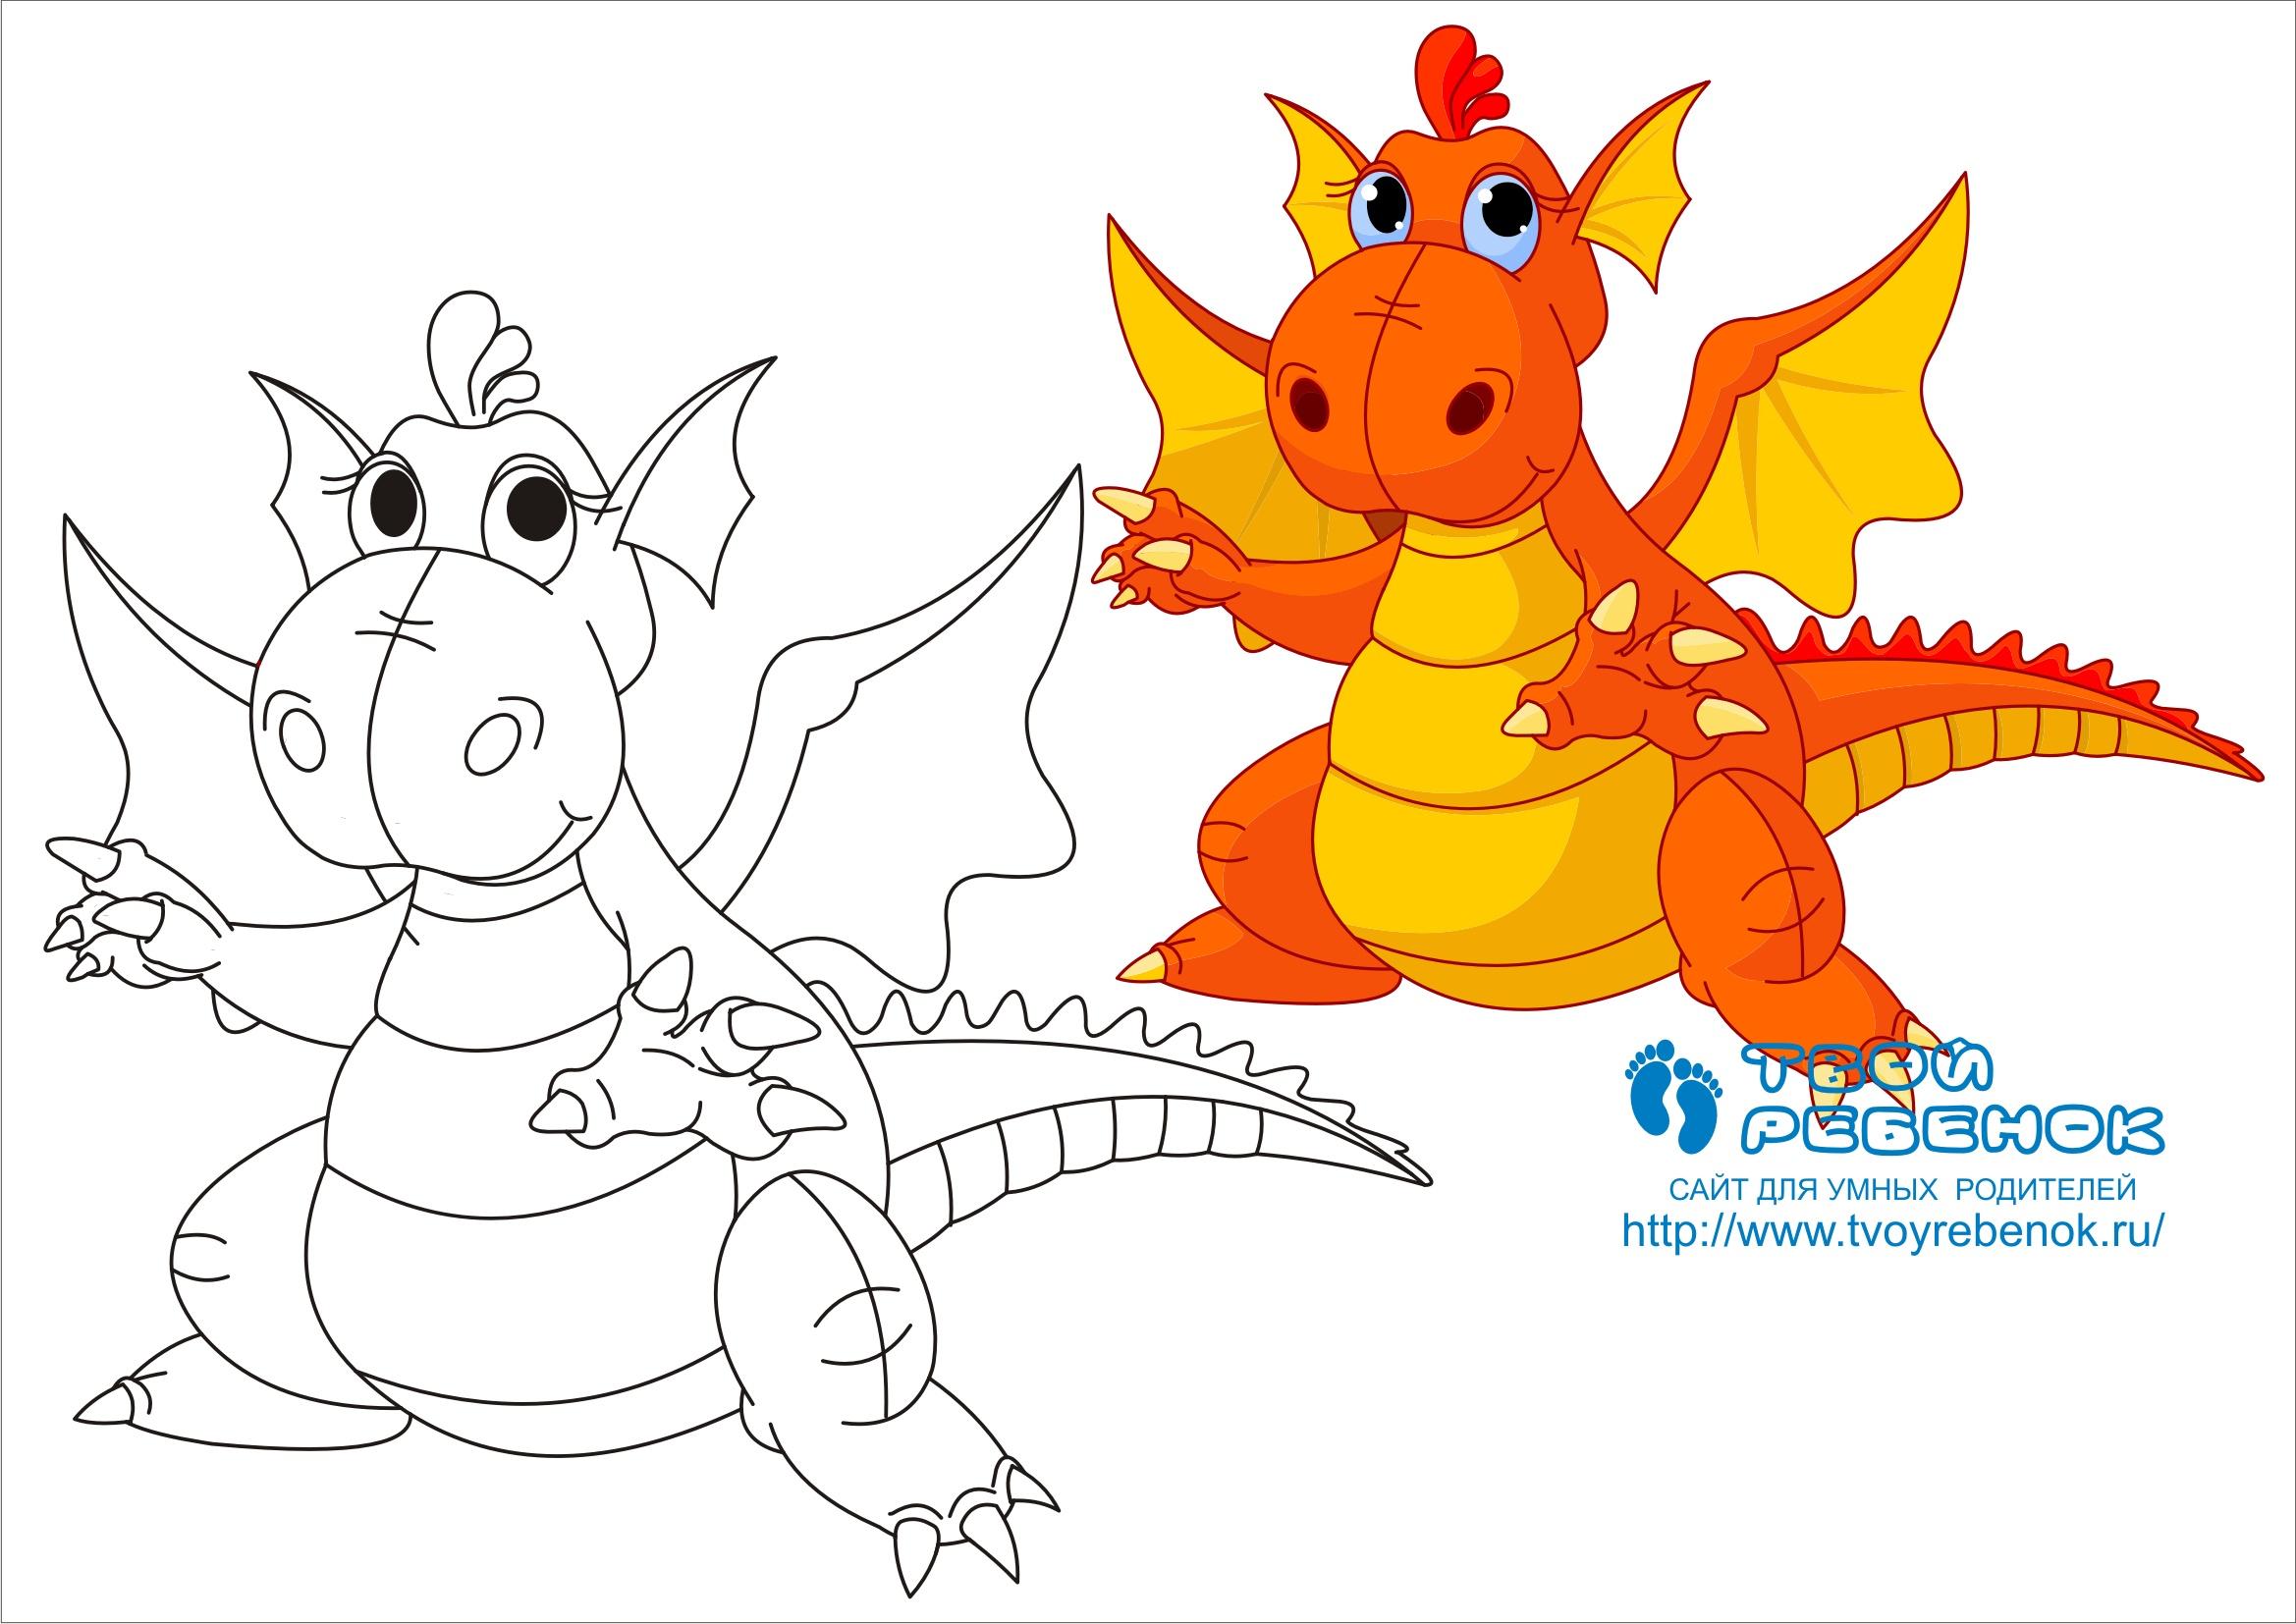 Раскраска дракона раскраска для детей